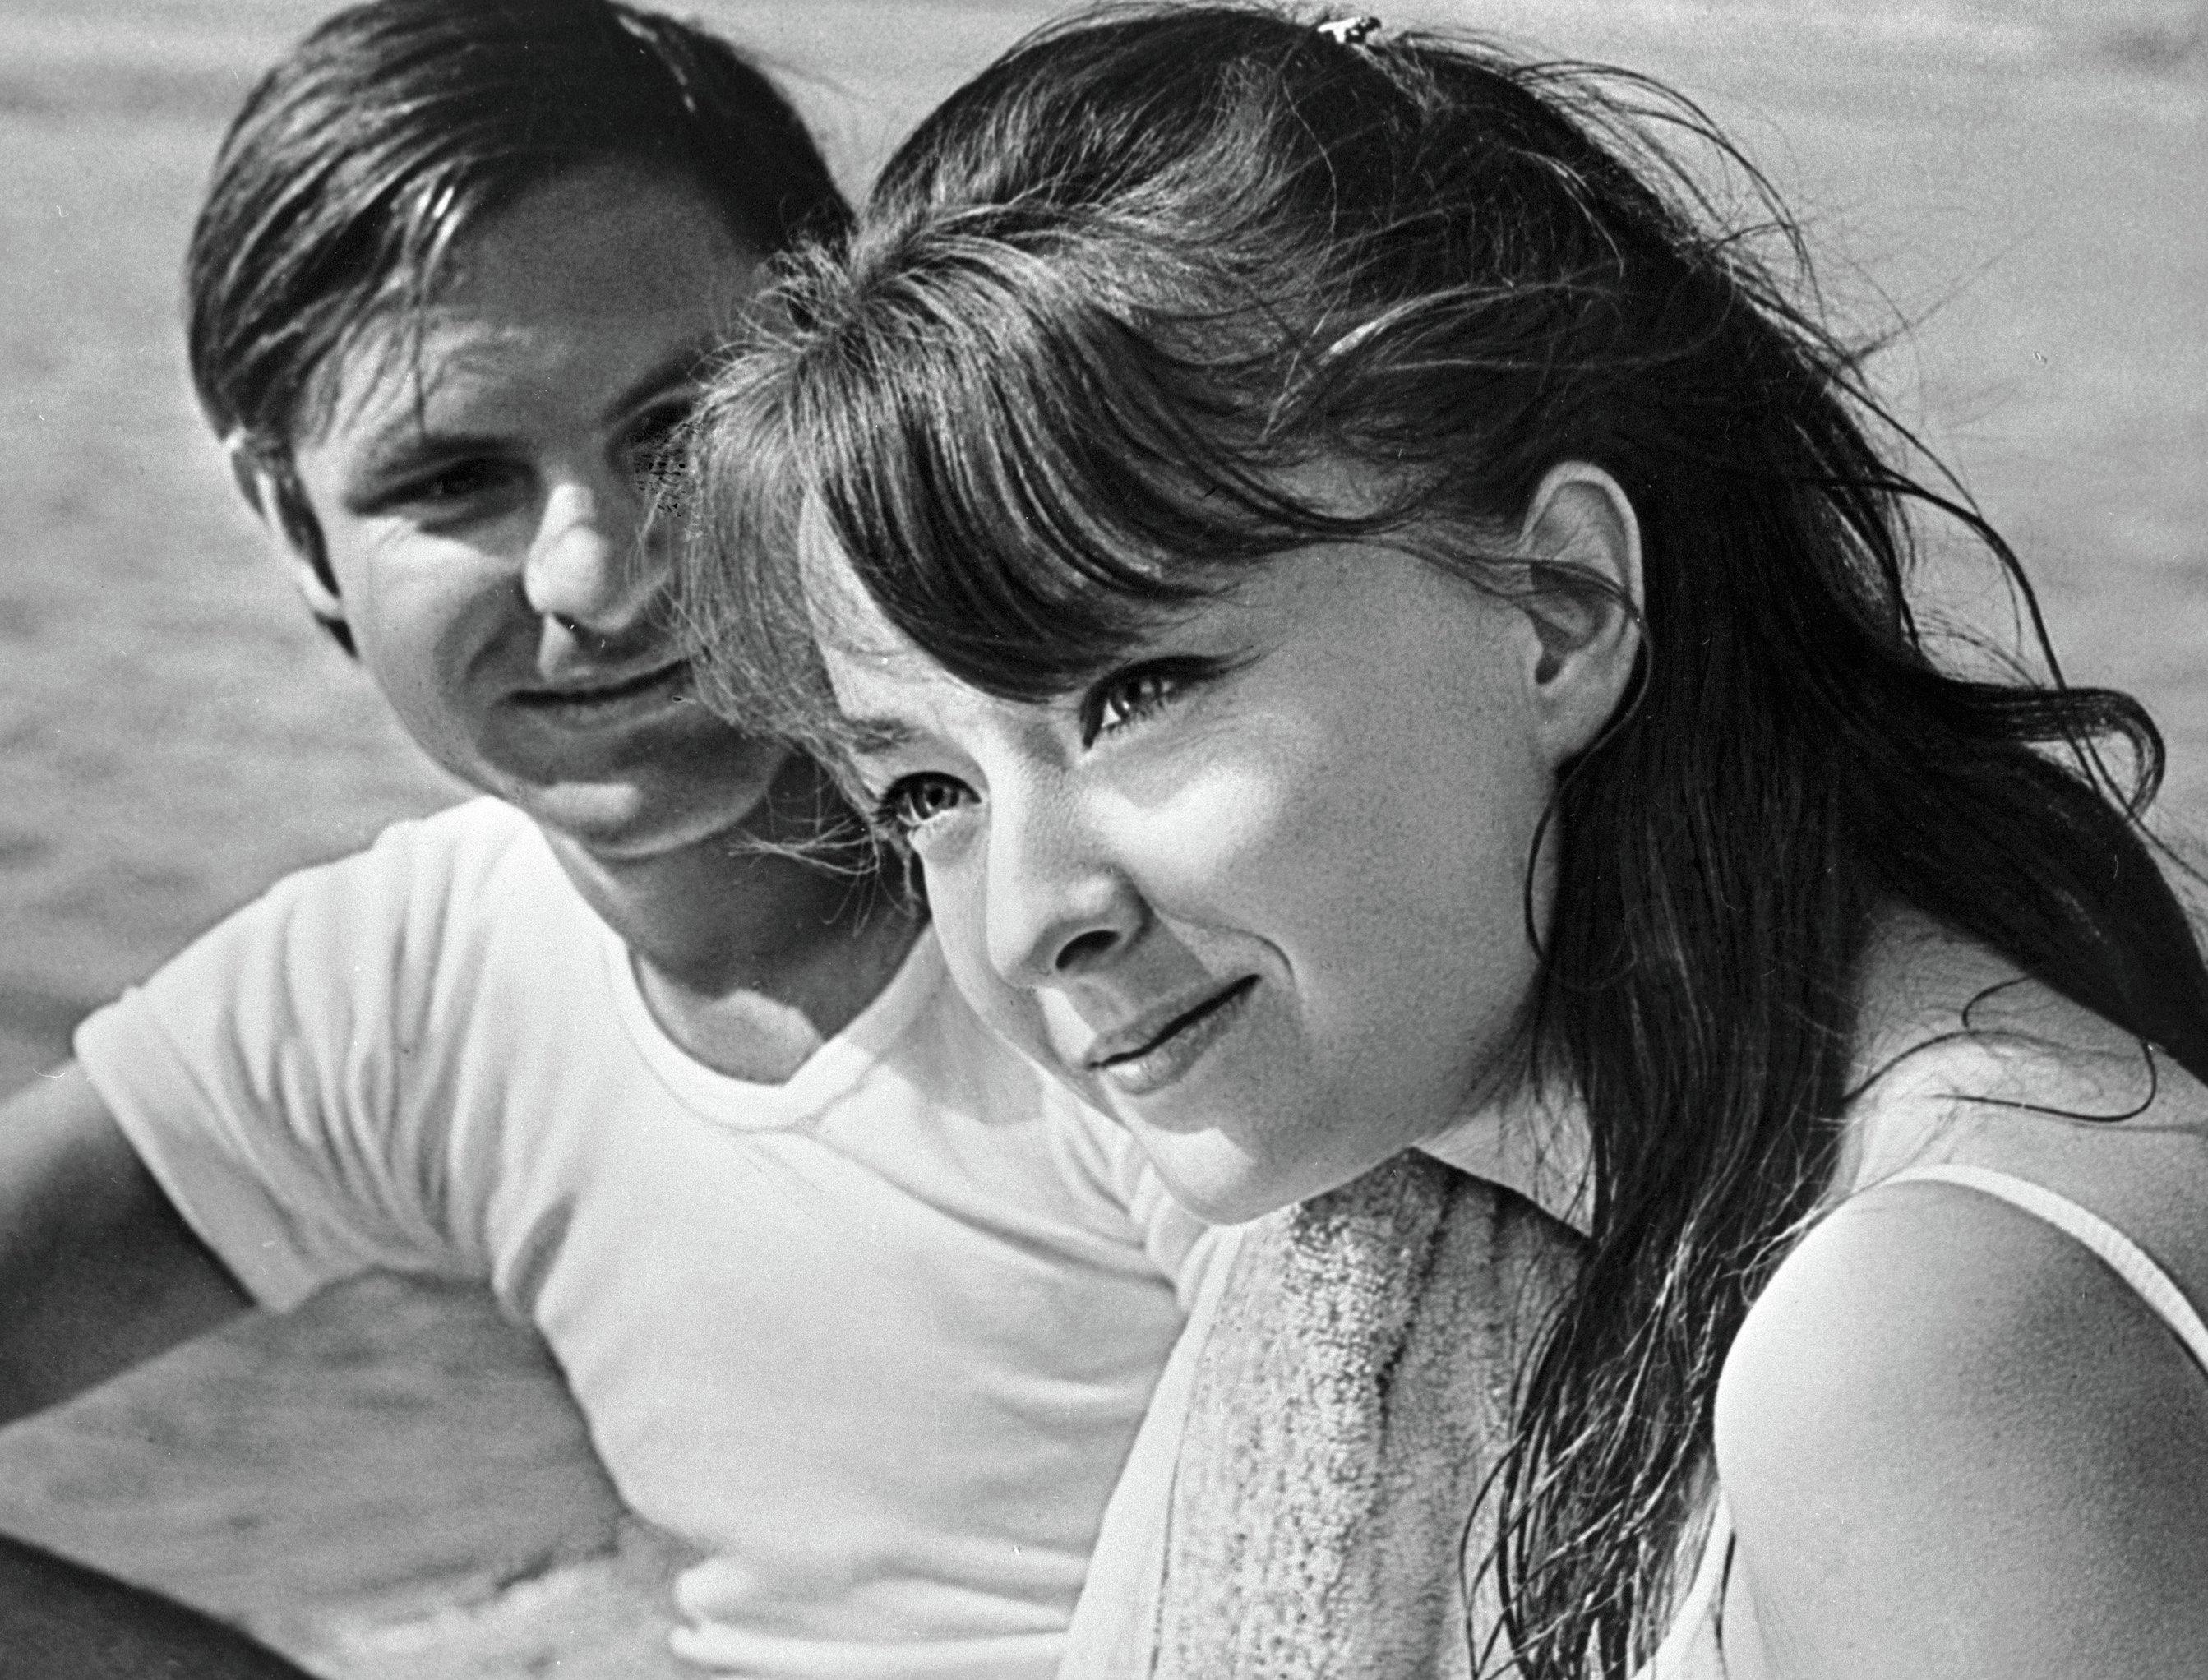 Анастасия Вертинская в роли Тани в фильме Влюбленные